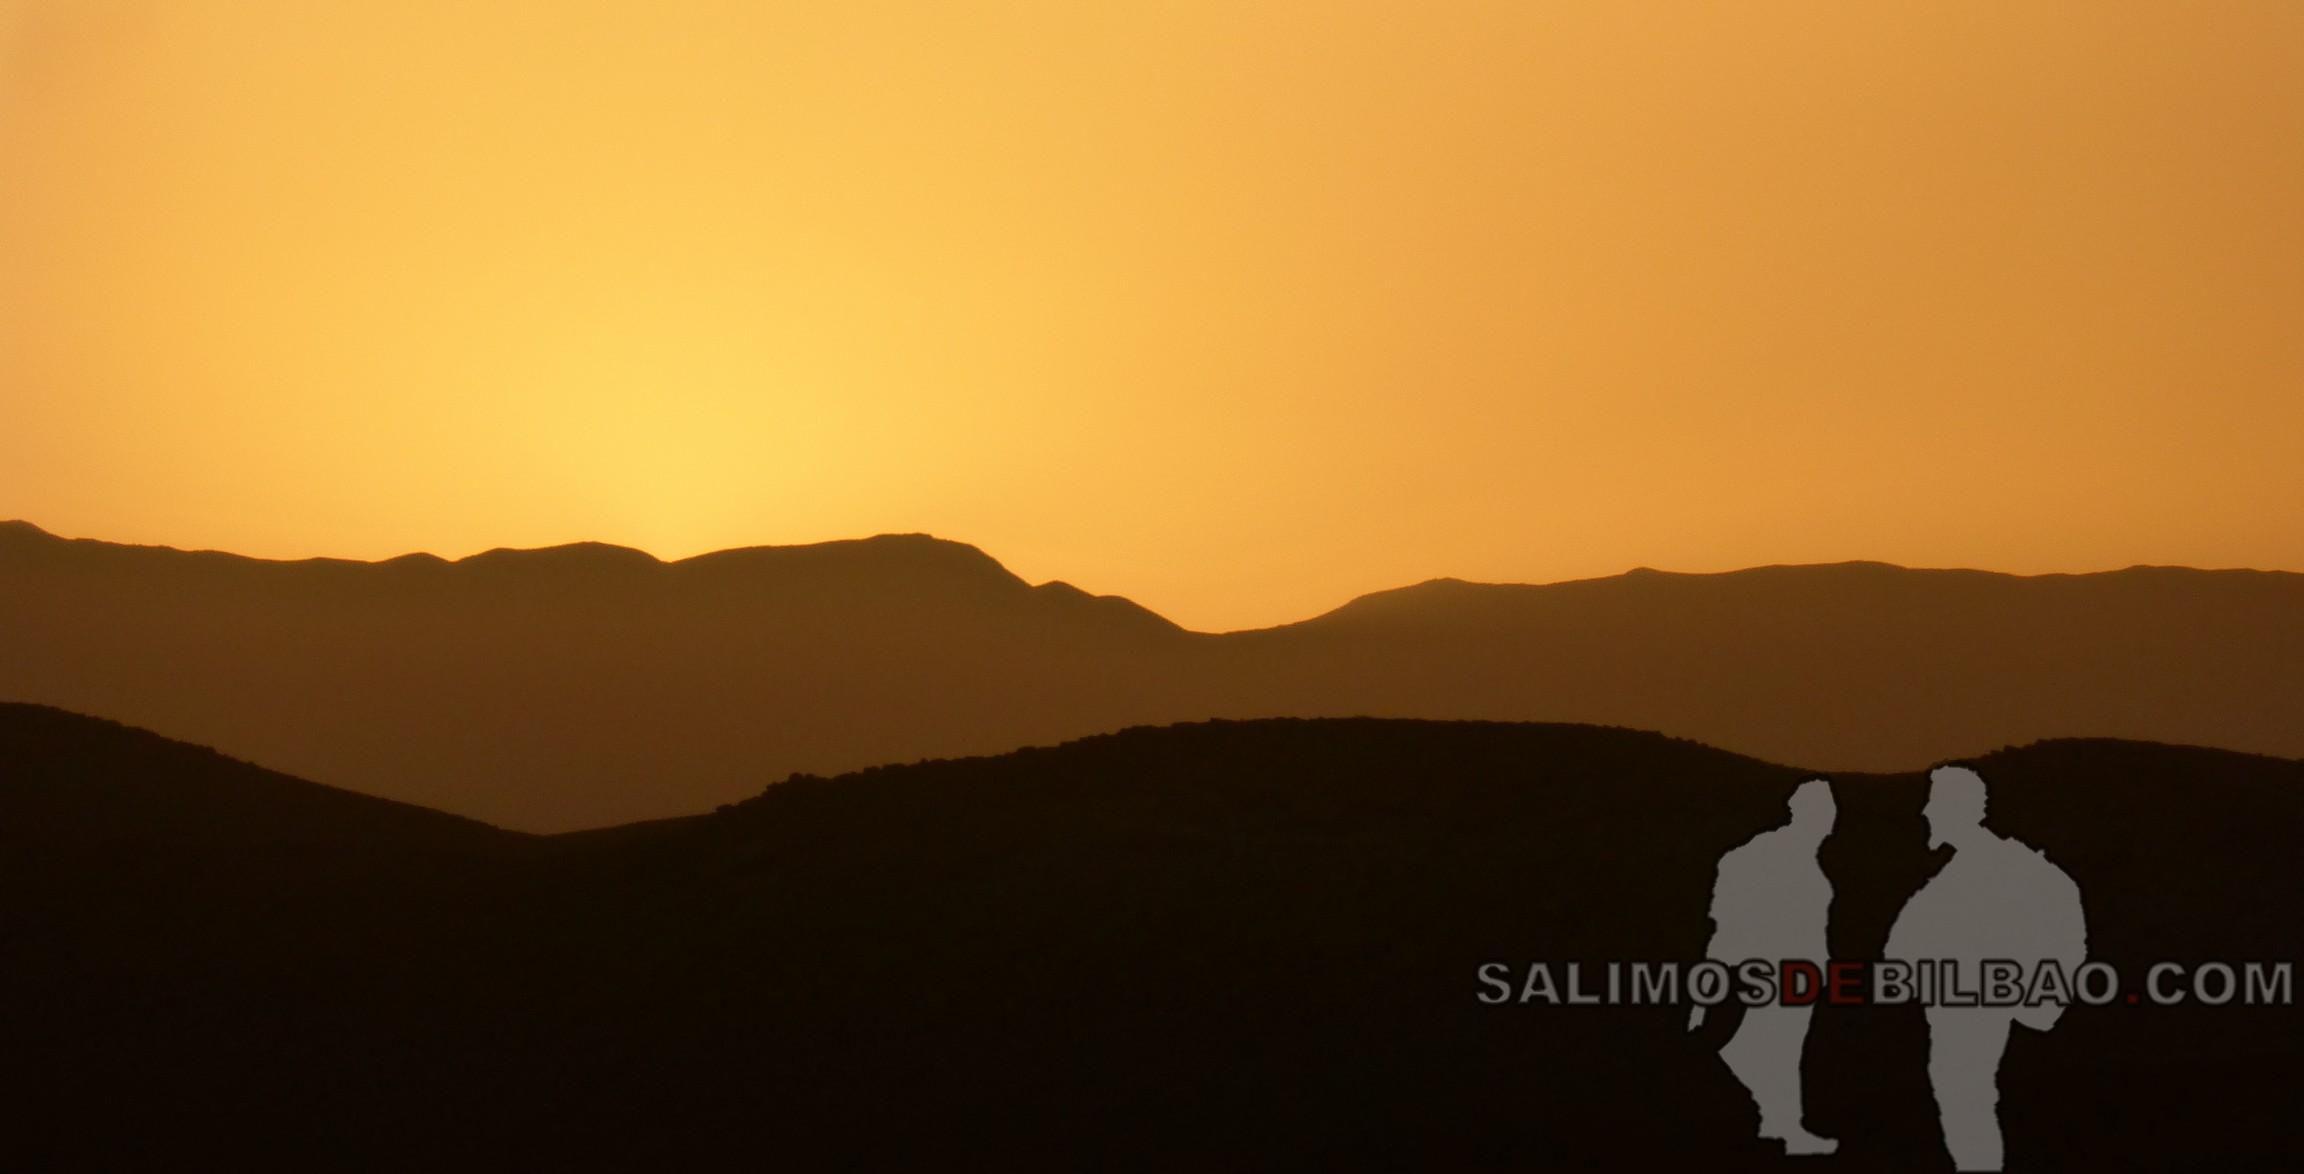 554. Puesta de sol, Vistas desde Kasbah Ait Ben Haddou